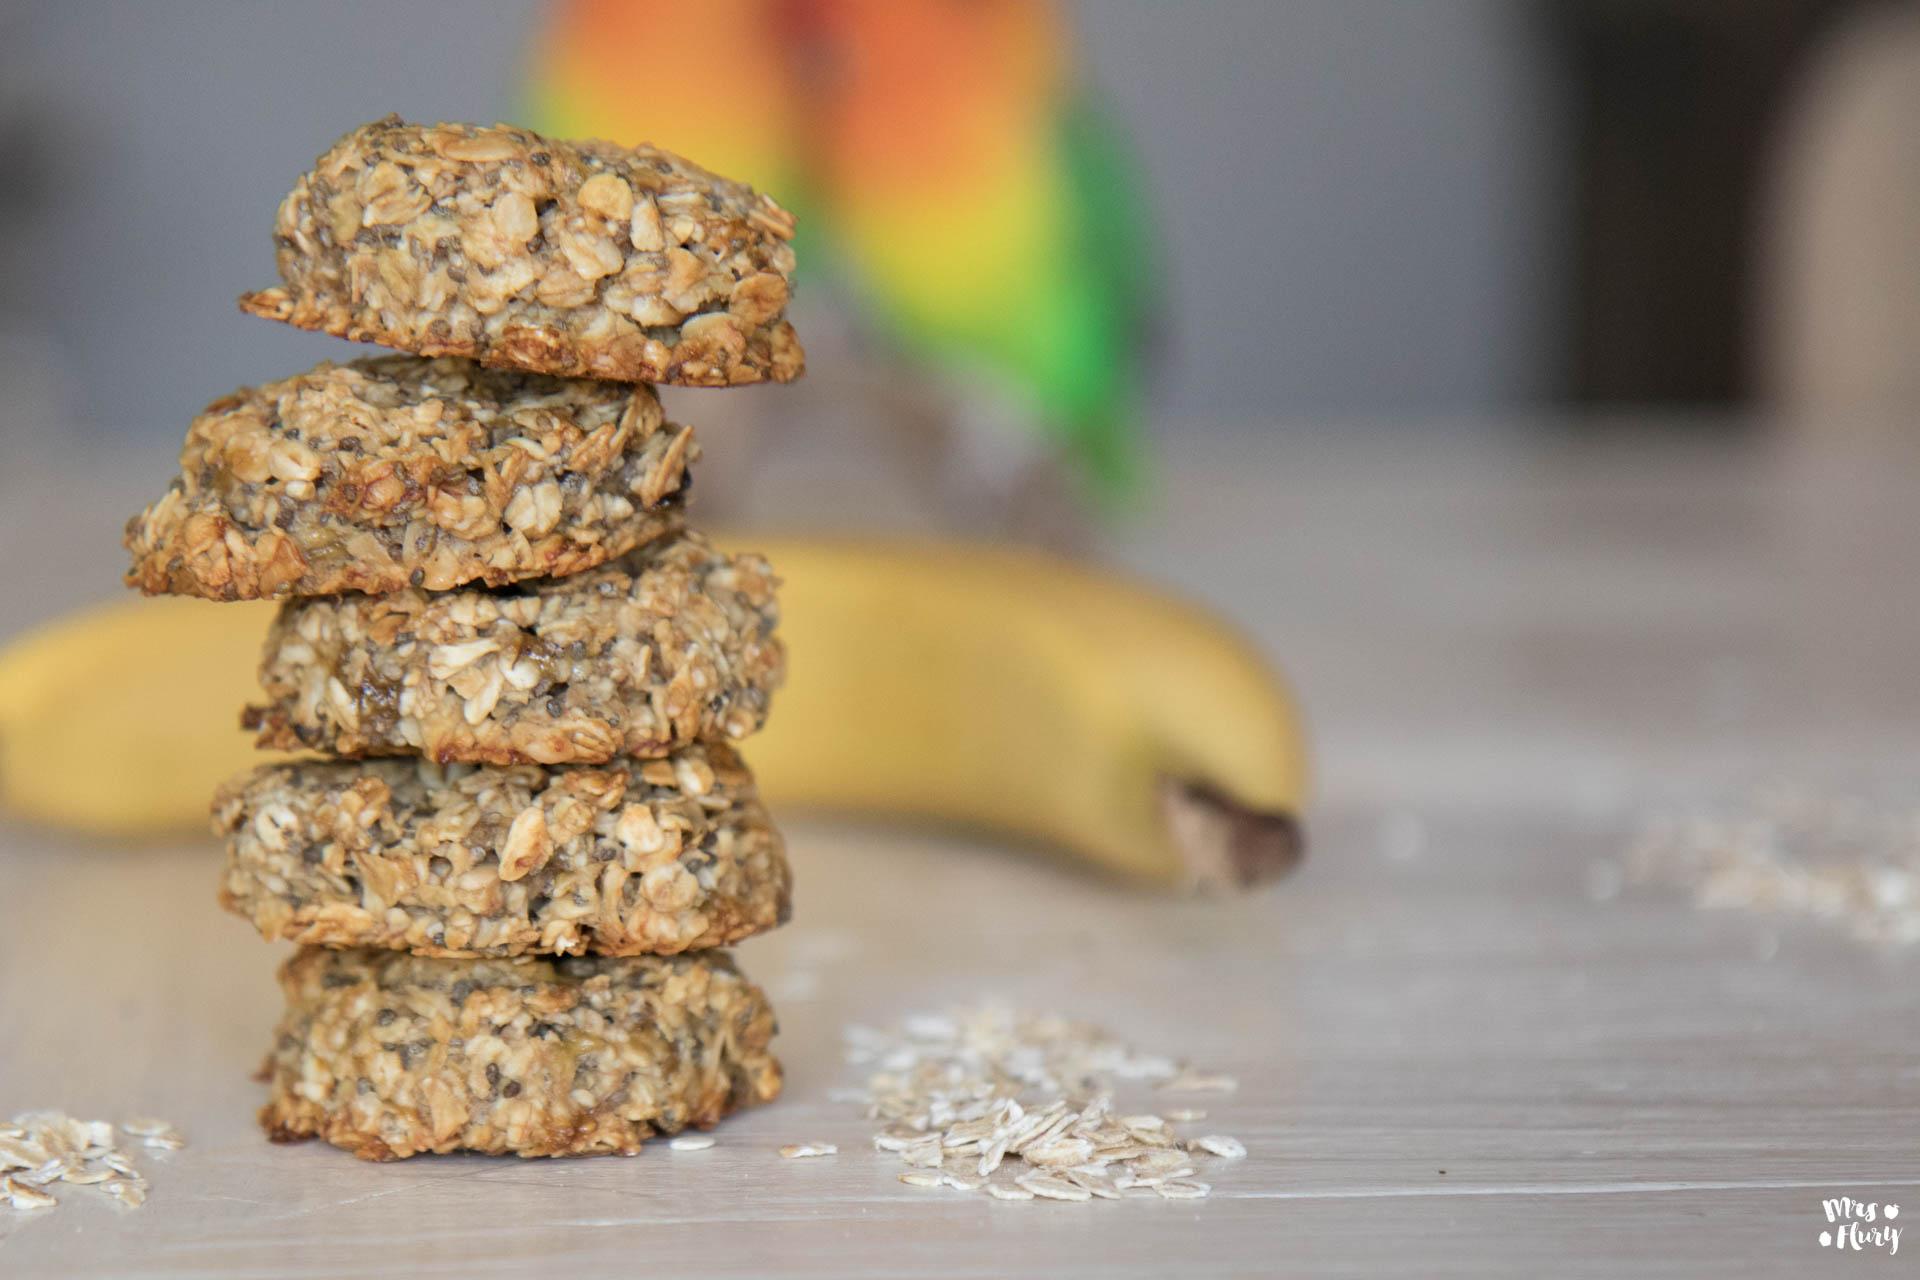 gesunde haferflocken kekse ohne zucker mrs flury gesund essen leben. Black Bedroom Furniture Sets. Home Design Ideas